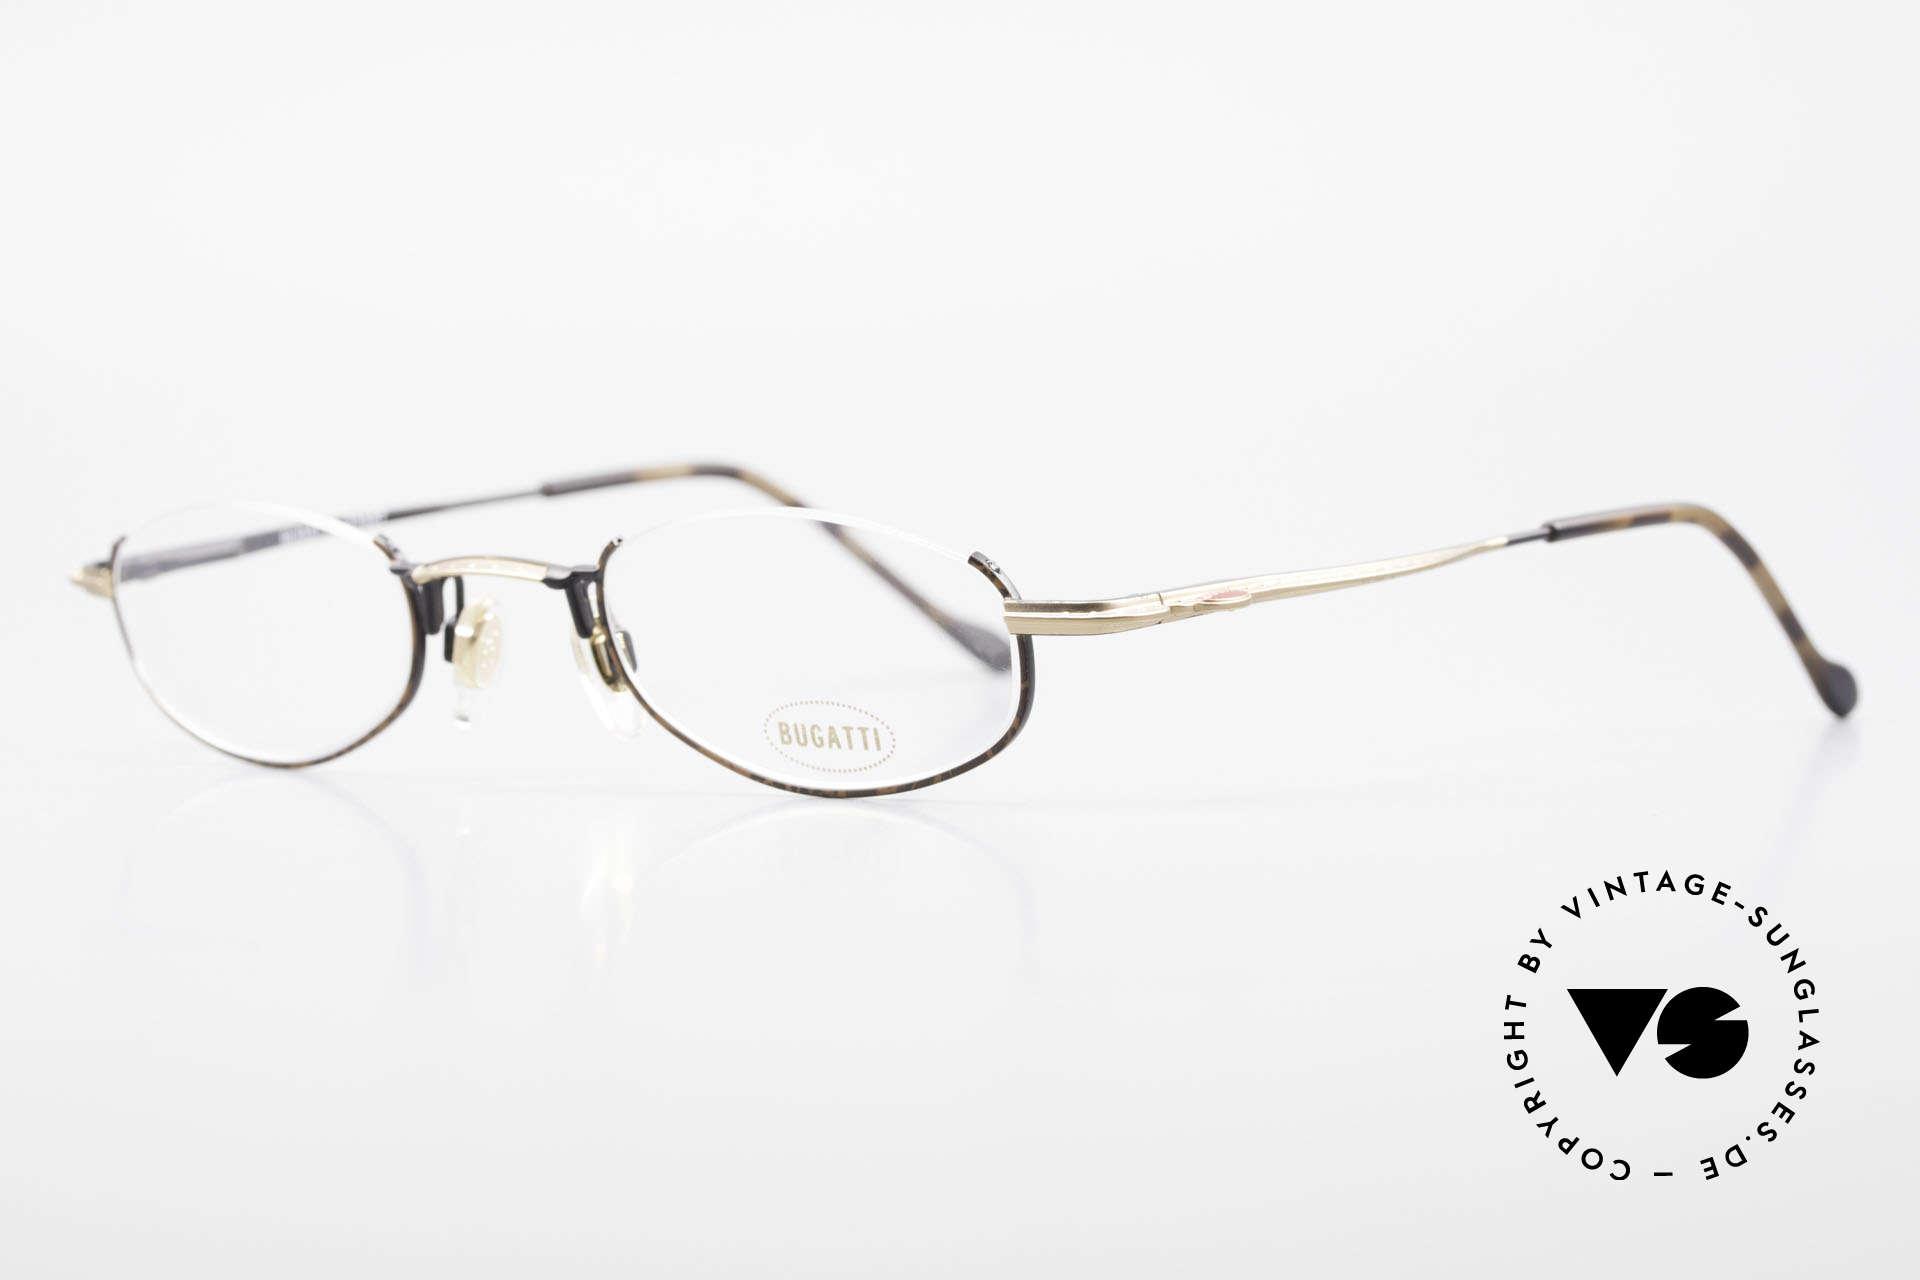 Bugatti 23687 High-Tech Men's Reading Frame, noble finish in chestnut-brown / black & dull gold, Made for Men